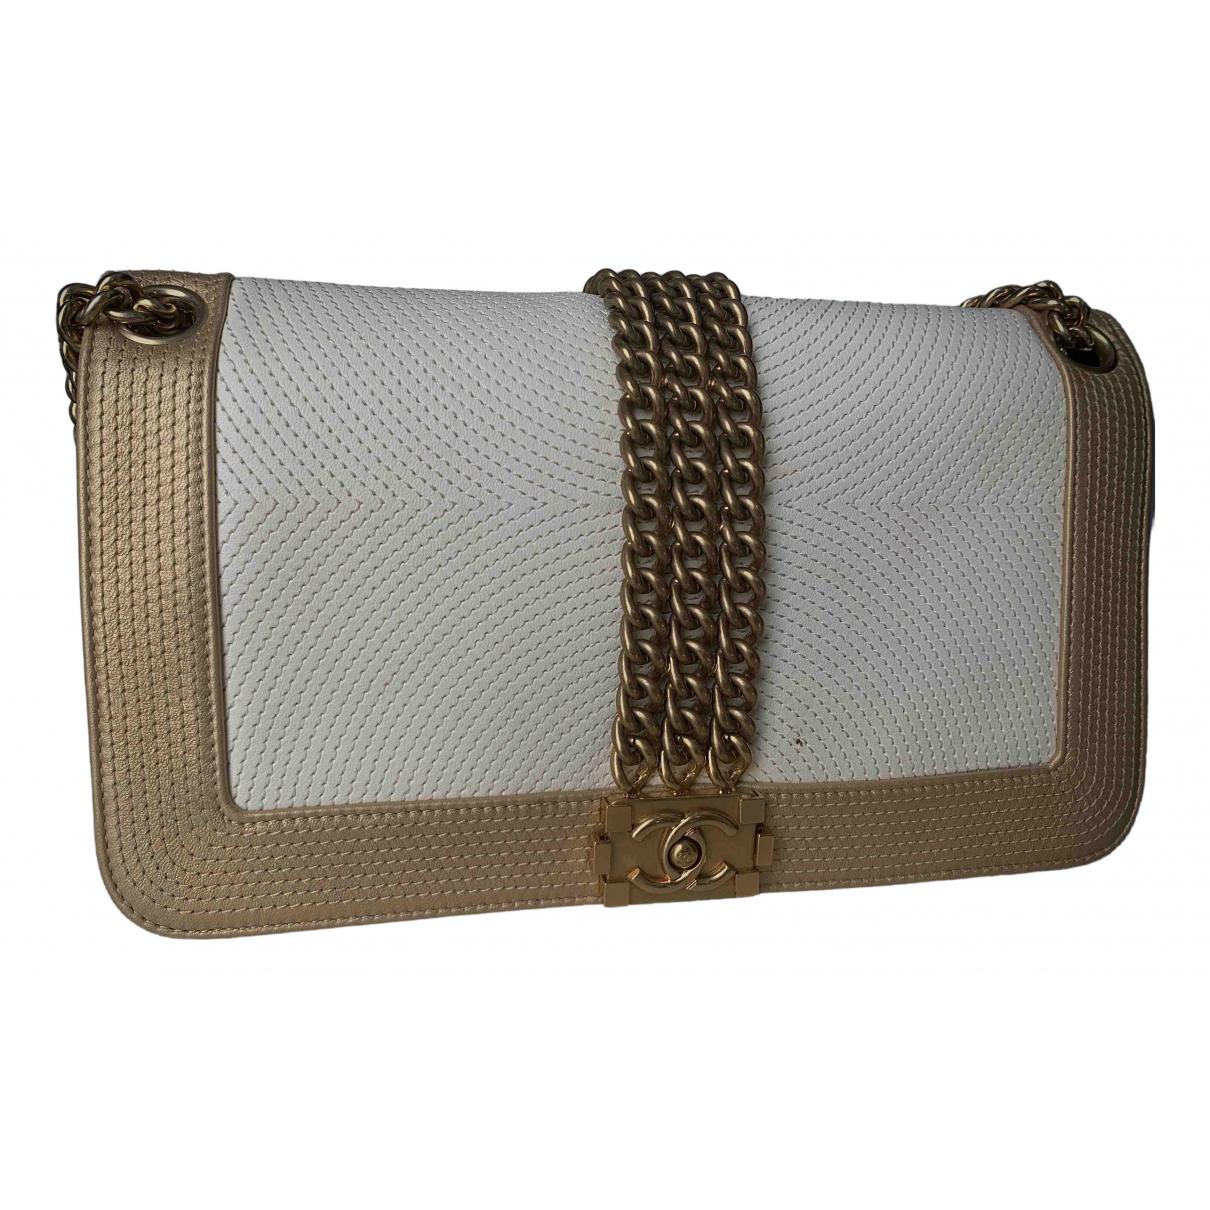 Chanel \N Ecru Cloth handbag for Women \N